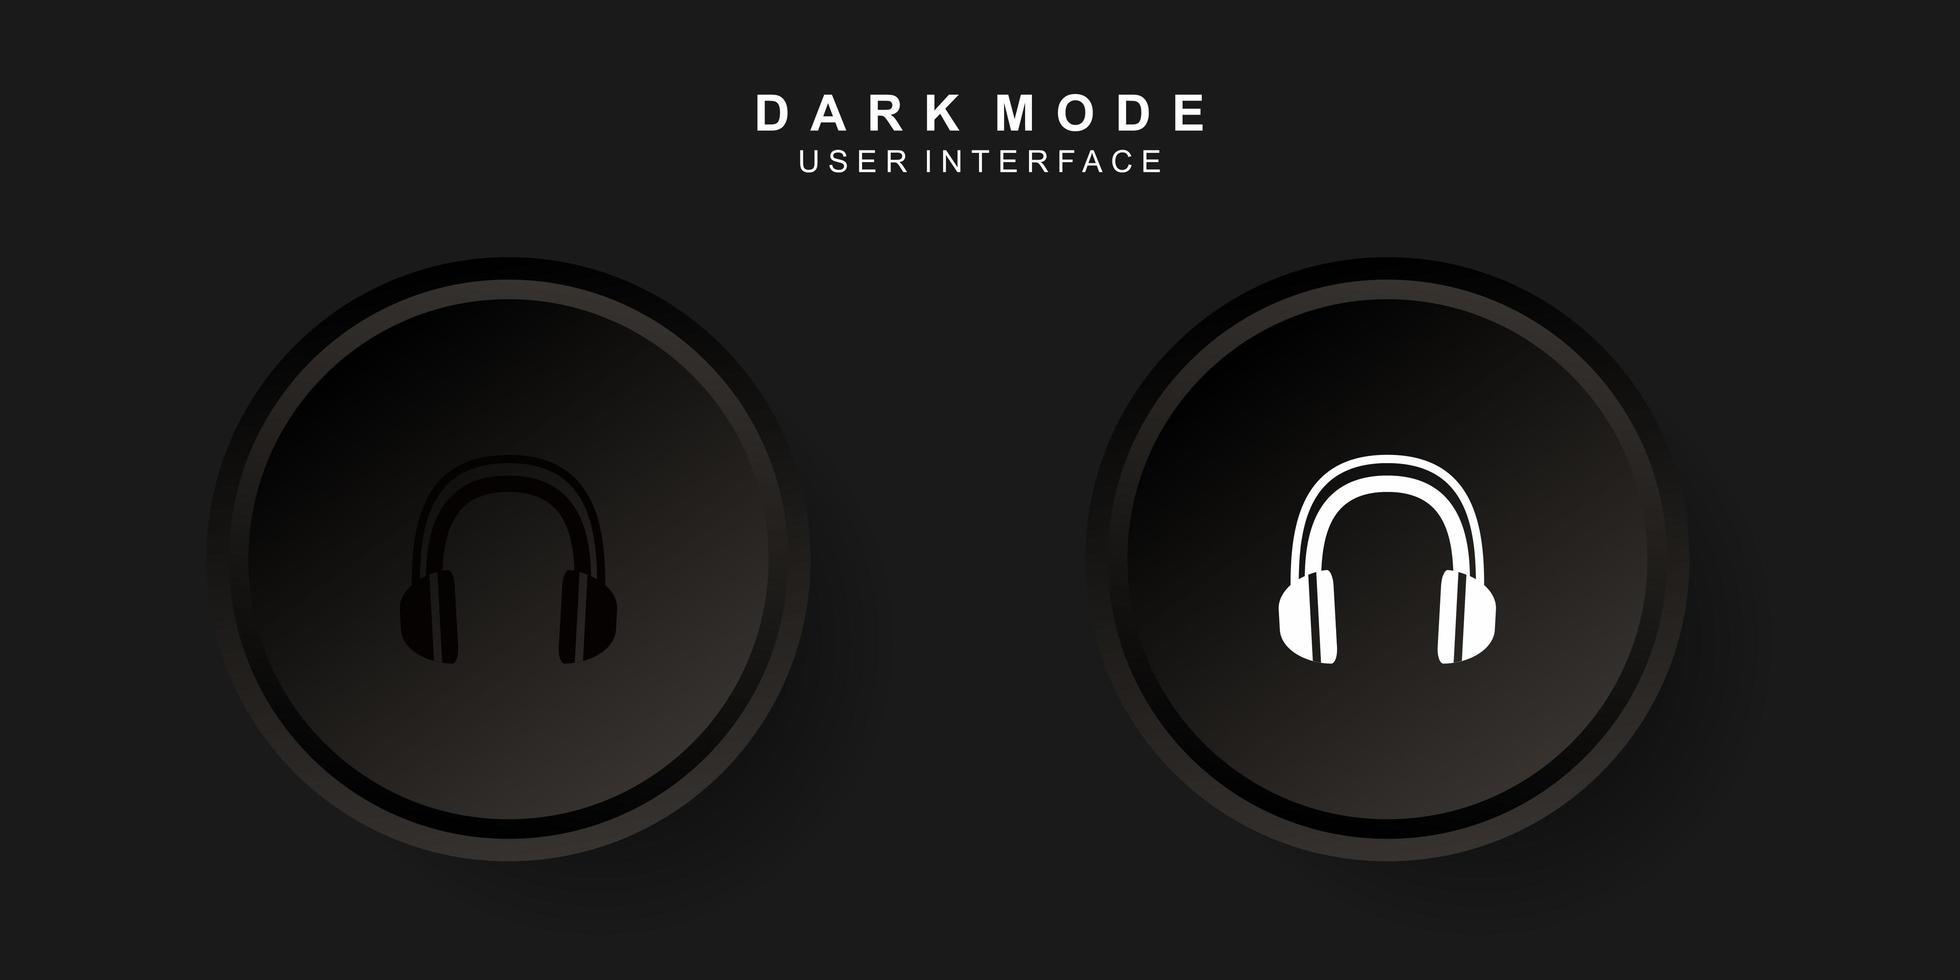 Interfaz de usuario de auricular creativo simple en diseño de neumorfismo. sencillo moderno y minimalista. vector